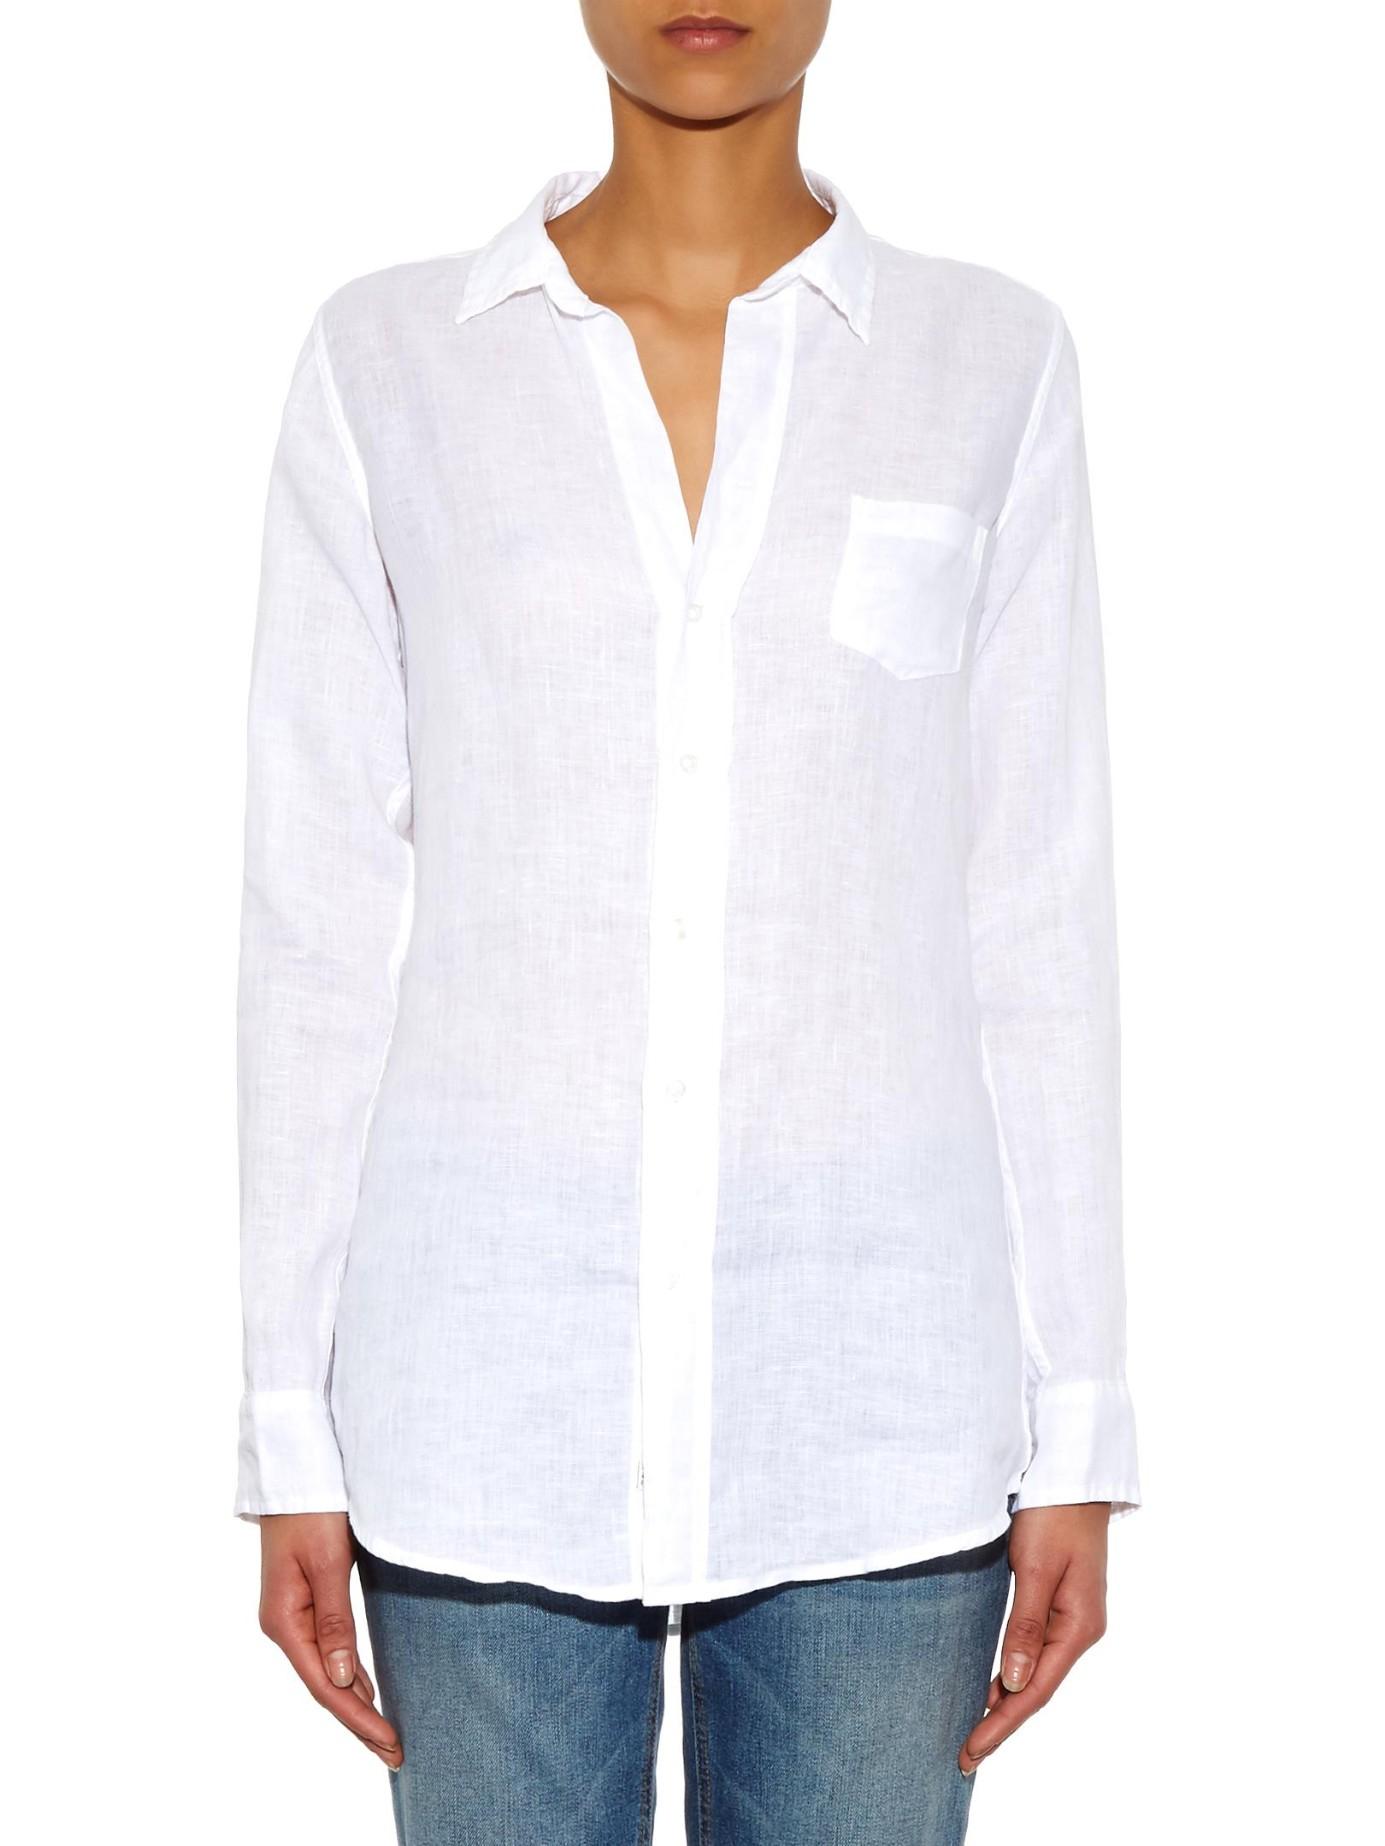 06b1bd50 Frank & Eileen Shirley Linen Shirt in White - Lyst